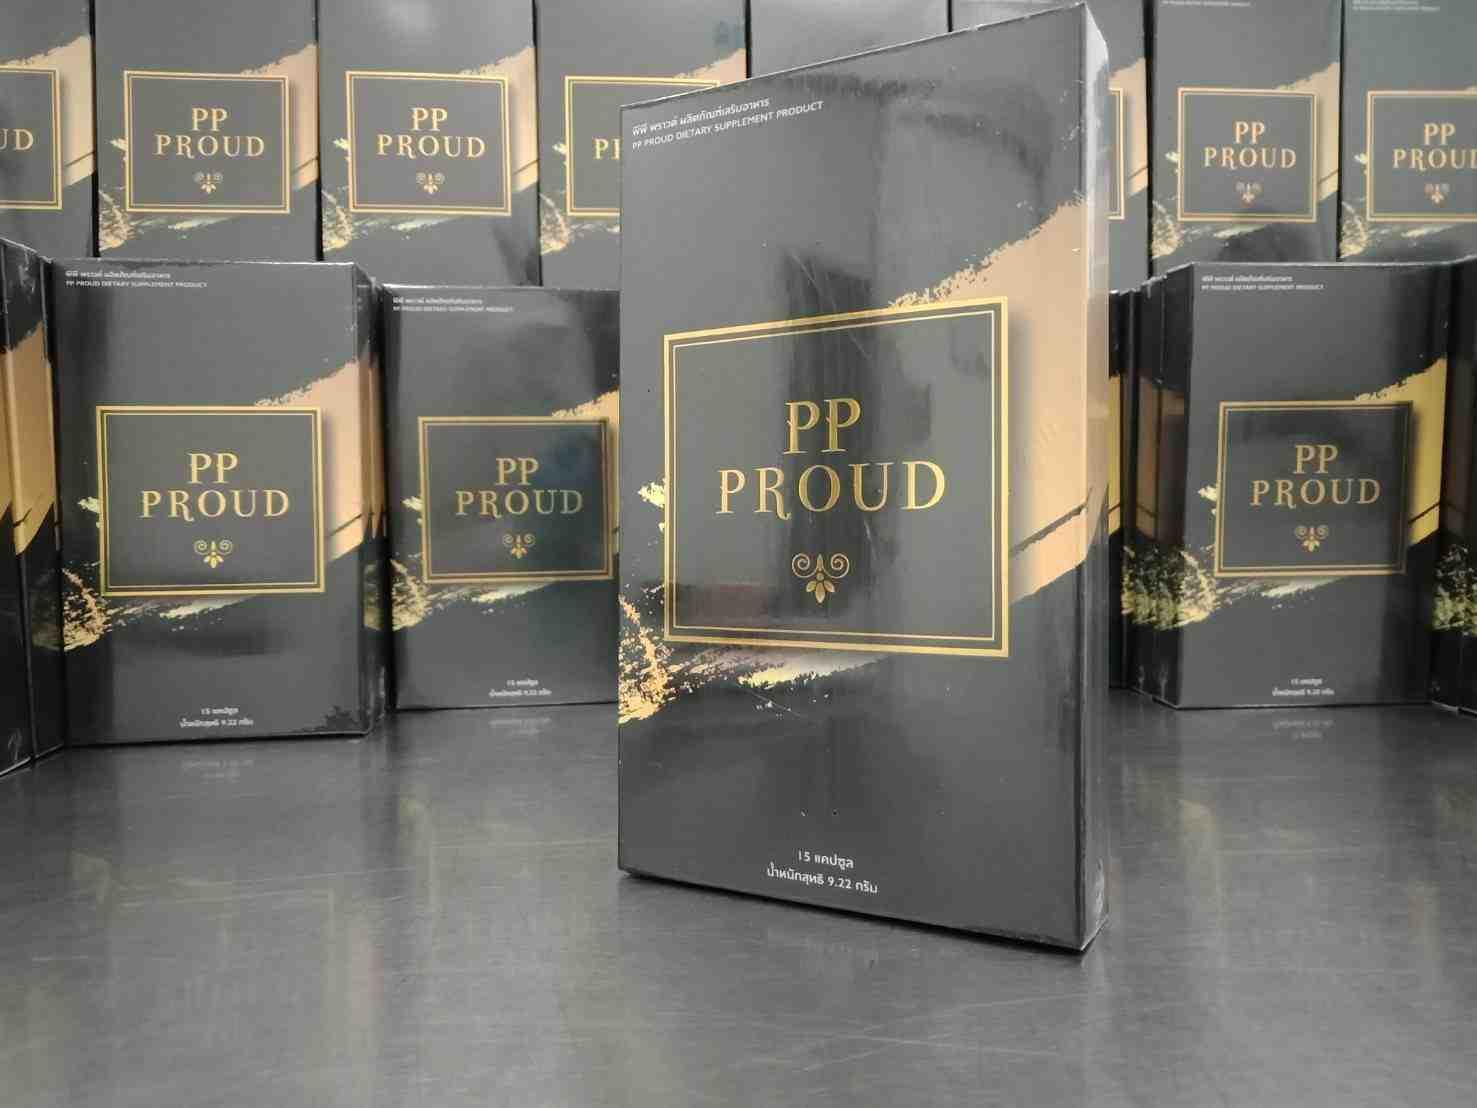 รับผลิตอาหารเสริม pp proud